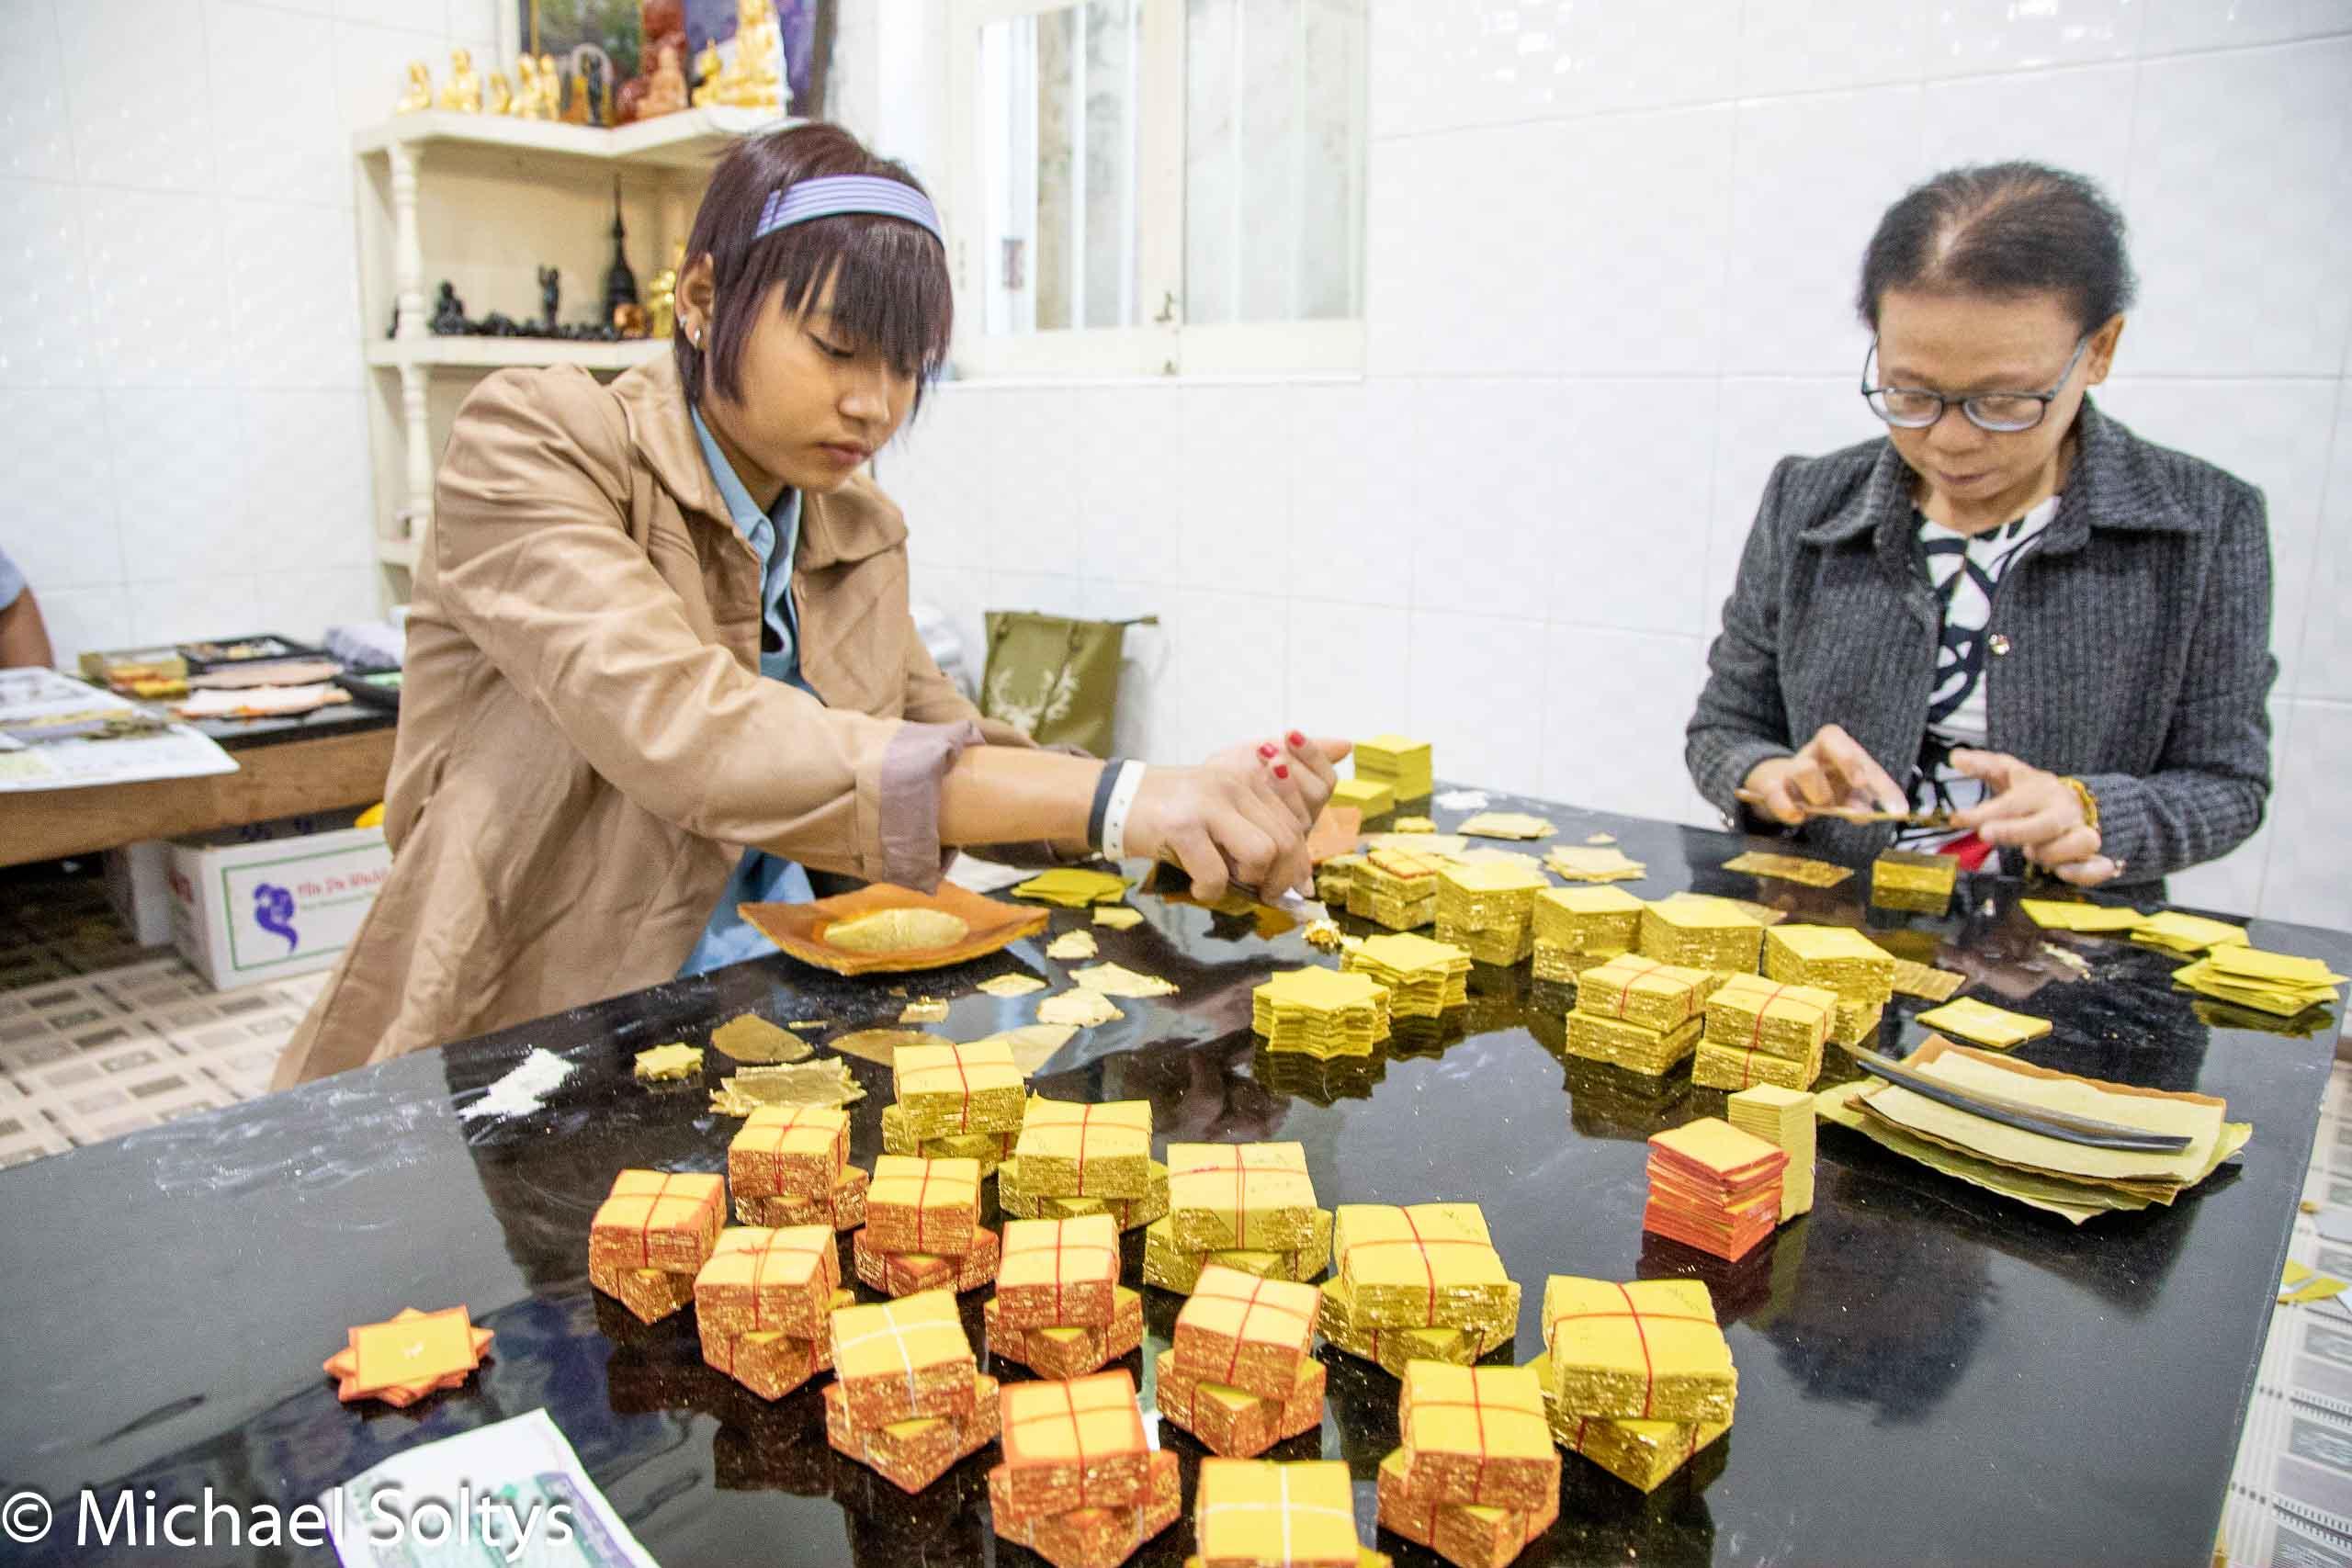 Gold im Wert von vielen Tausend Euro geht durch die Hände der beiden Frauen, die das Blattgold sortieren.